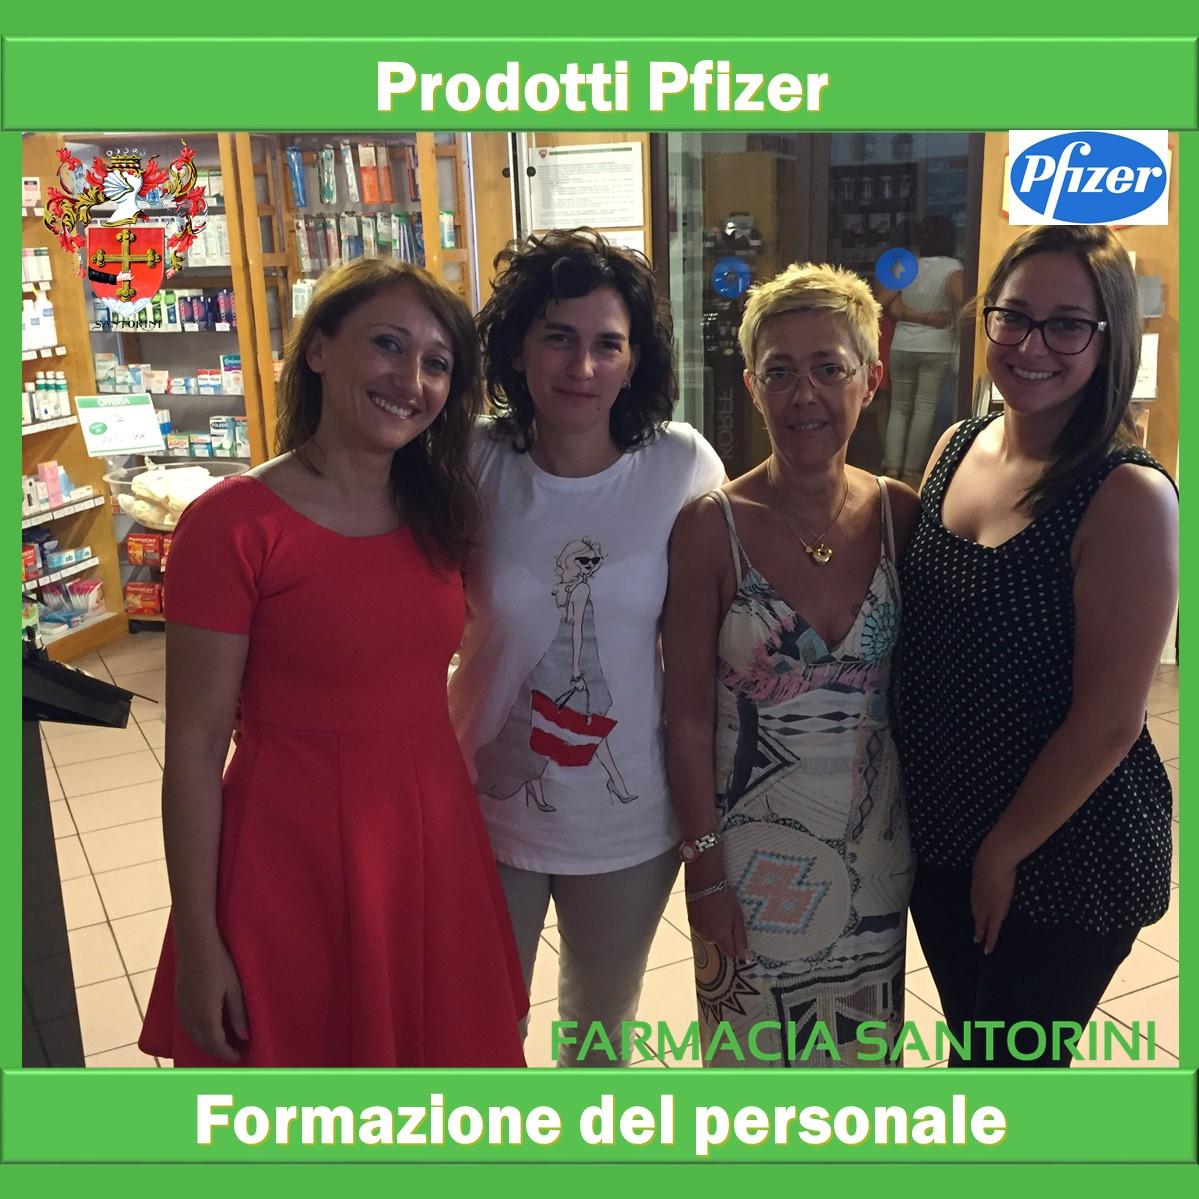 Pfizer_Presentazione_01